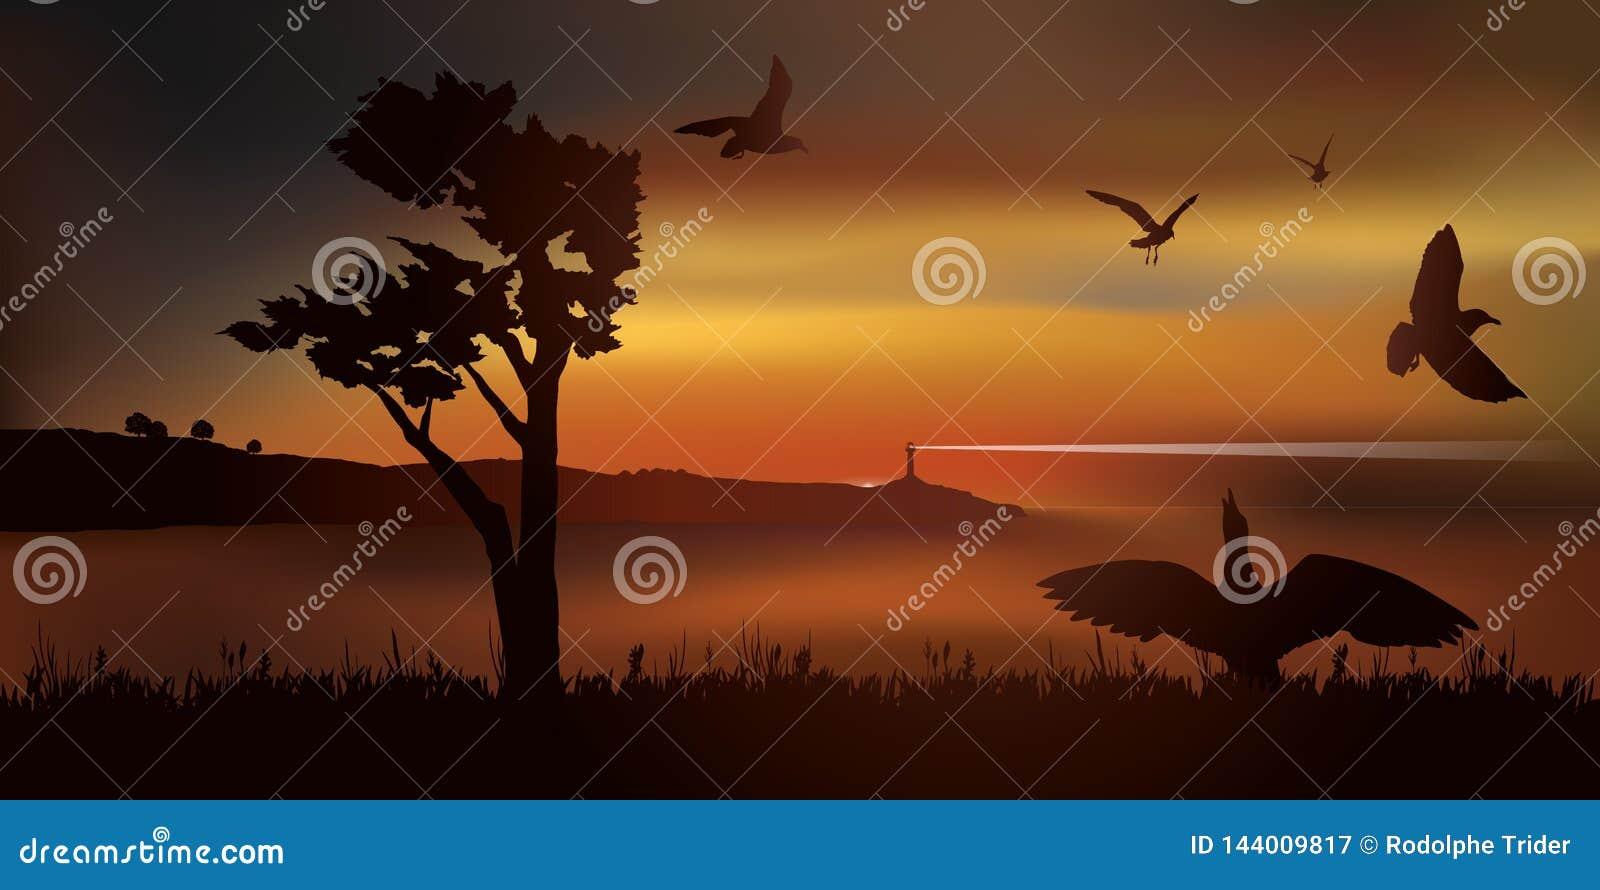 Punkt av sikten på en fjärd en solnedgång med ett flyg av seagulls